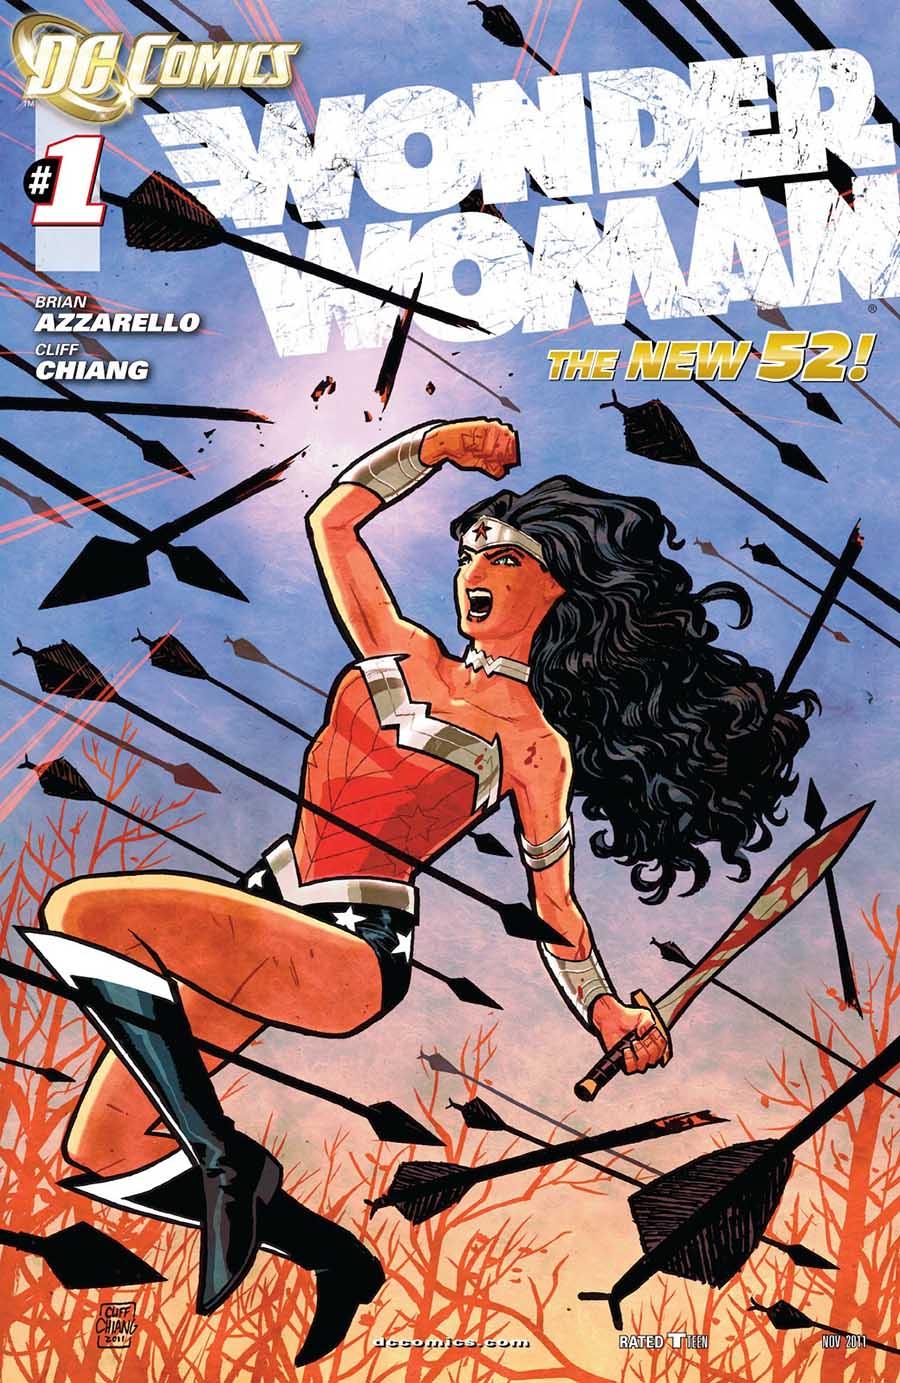 Wonder Woman (Brian Azzarello)